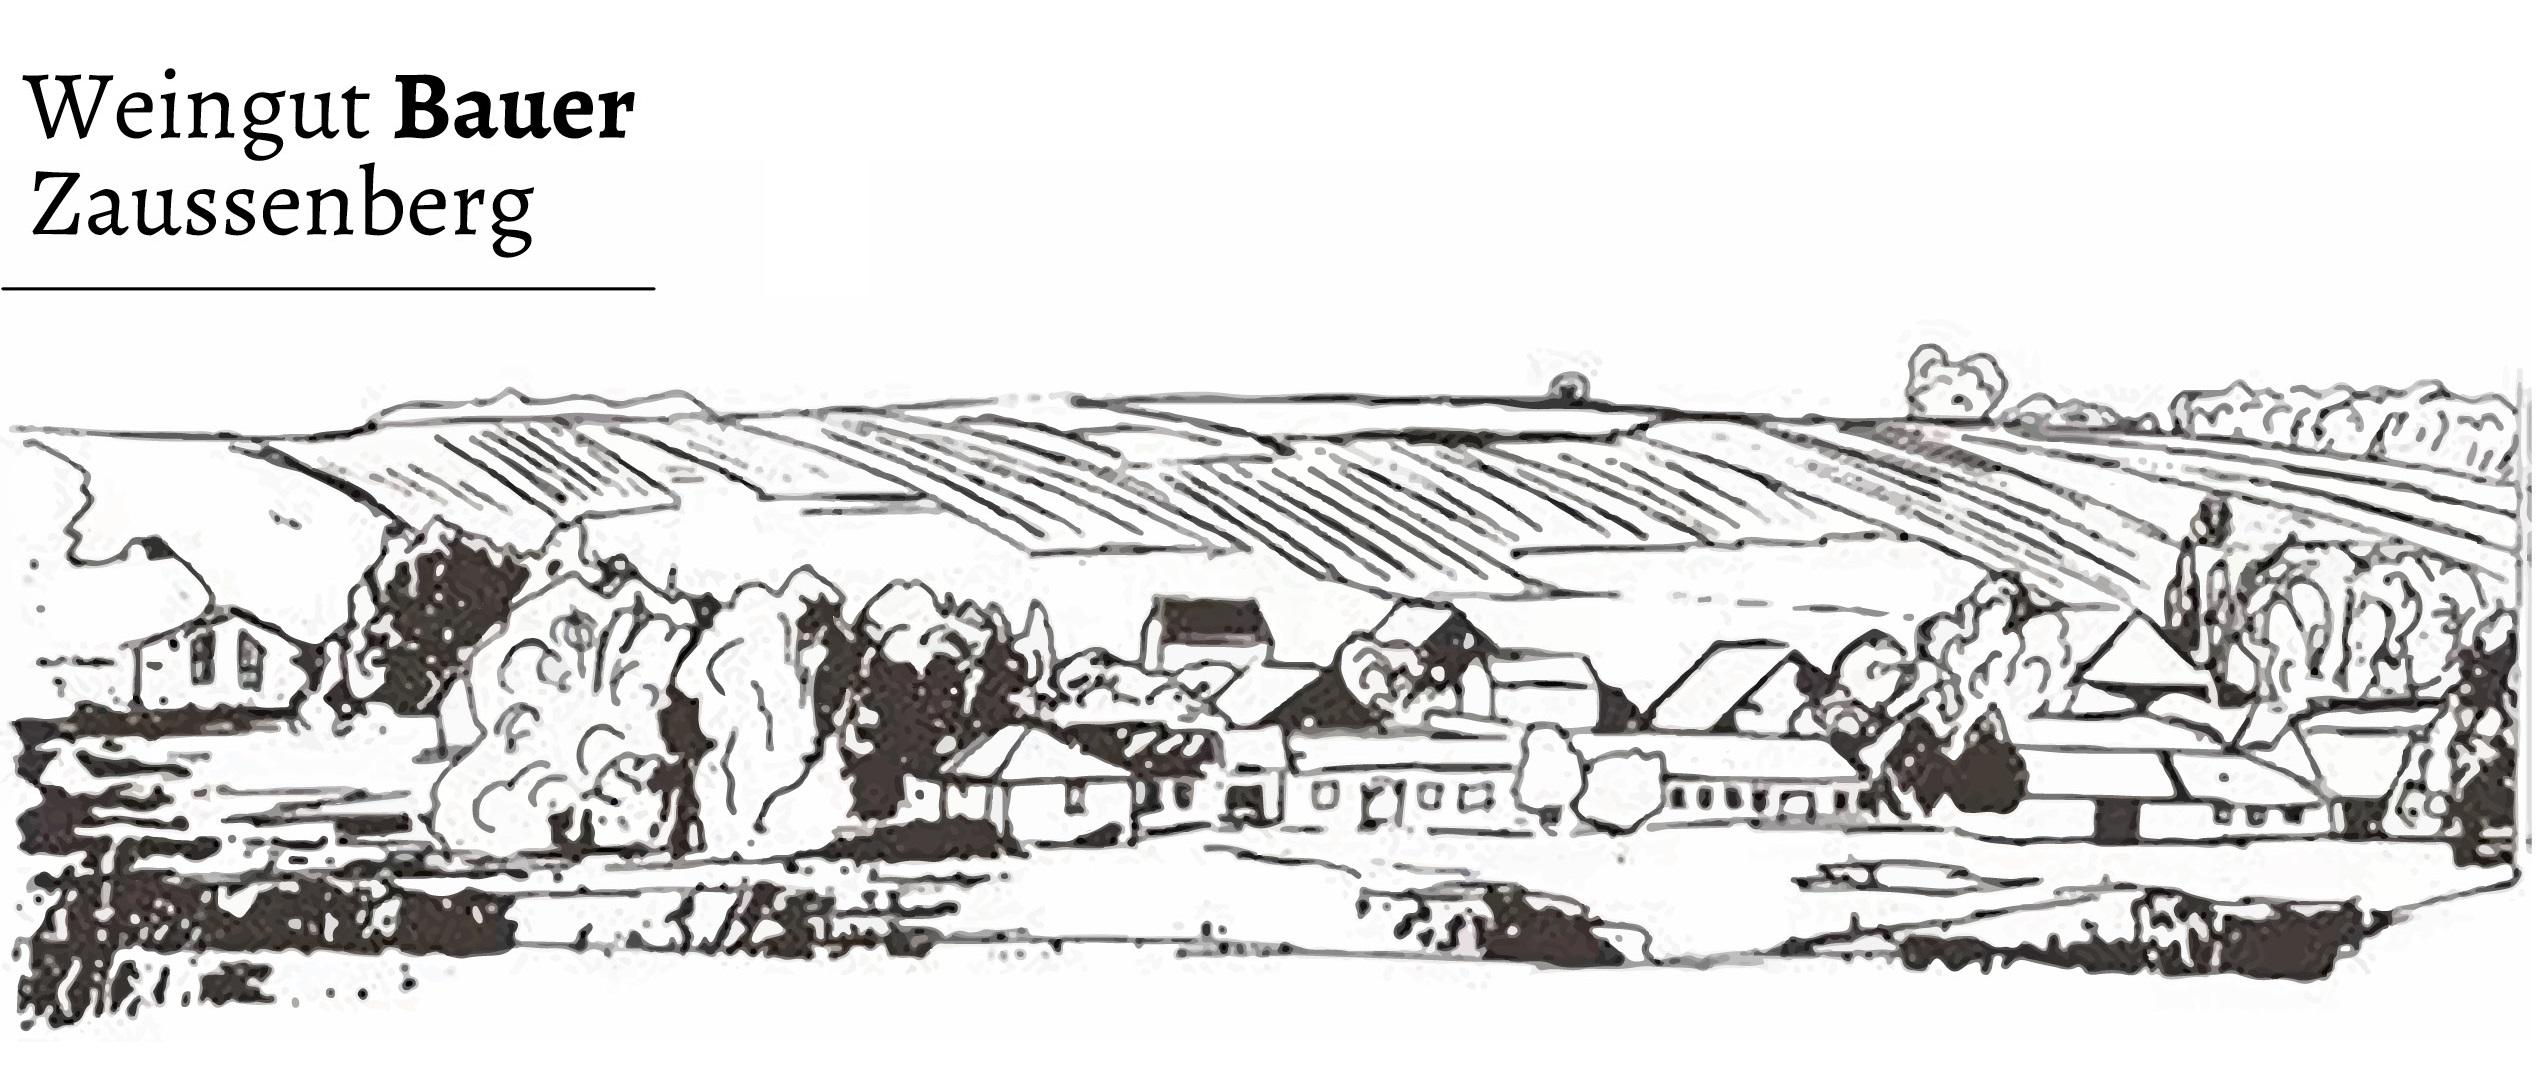 Weingut Bauer in Zaussenberg